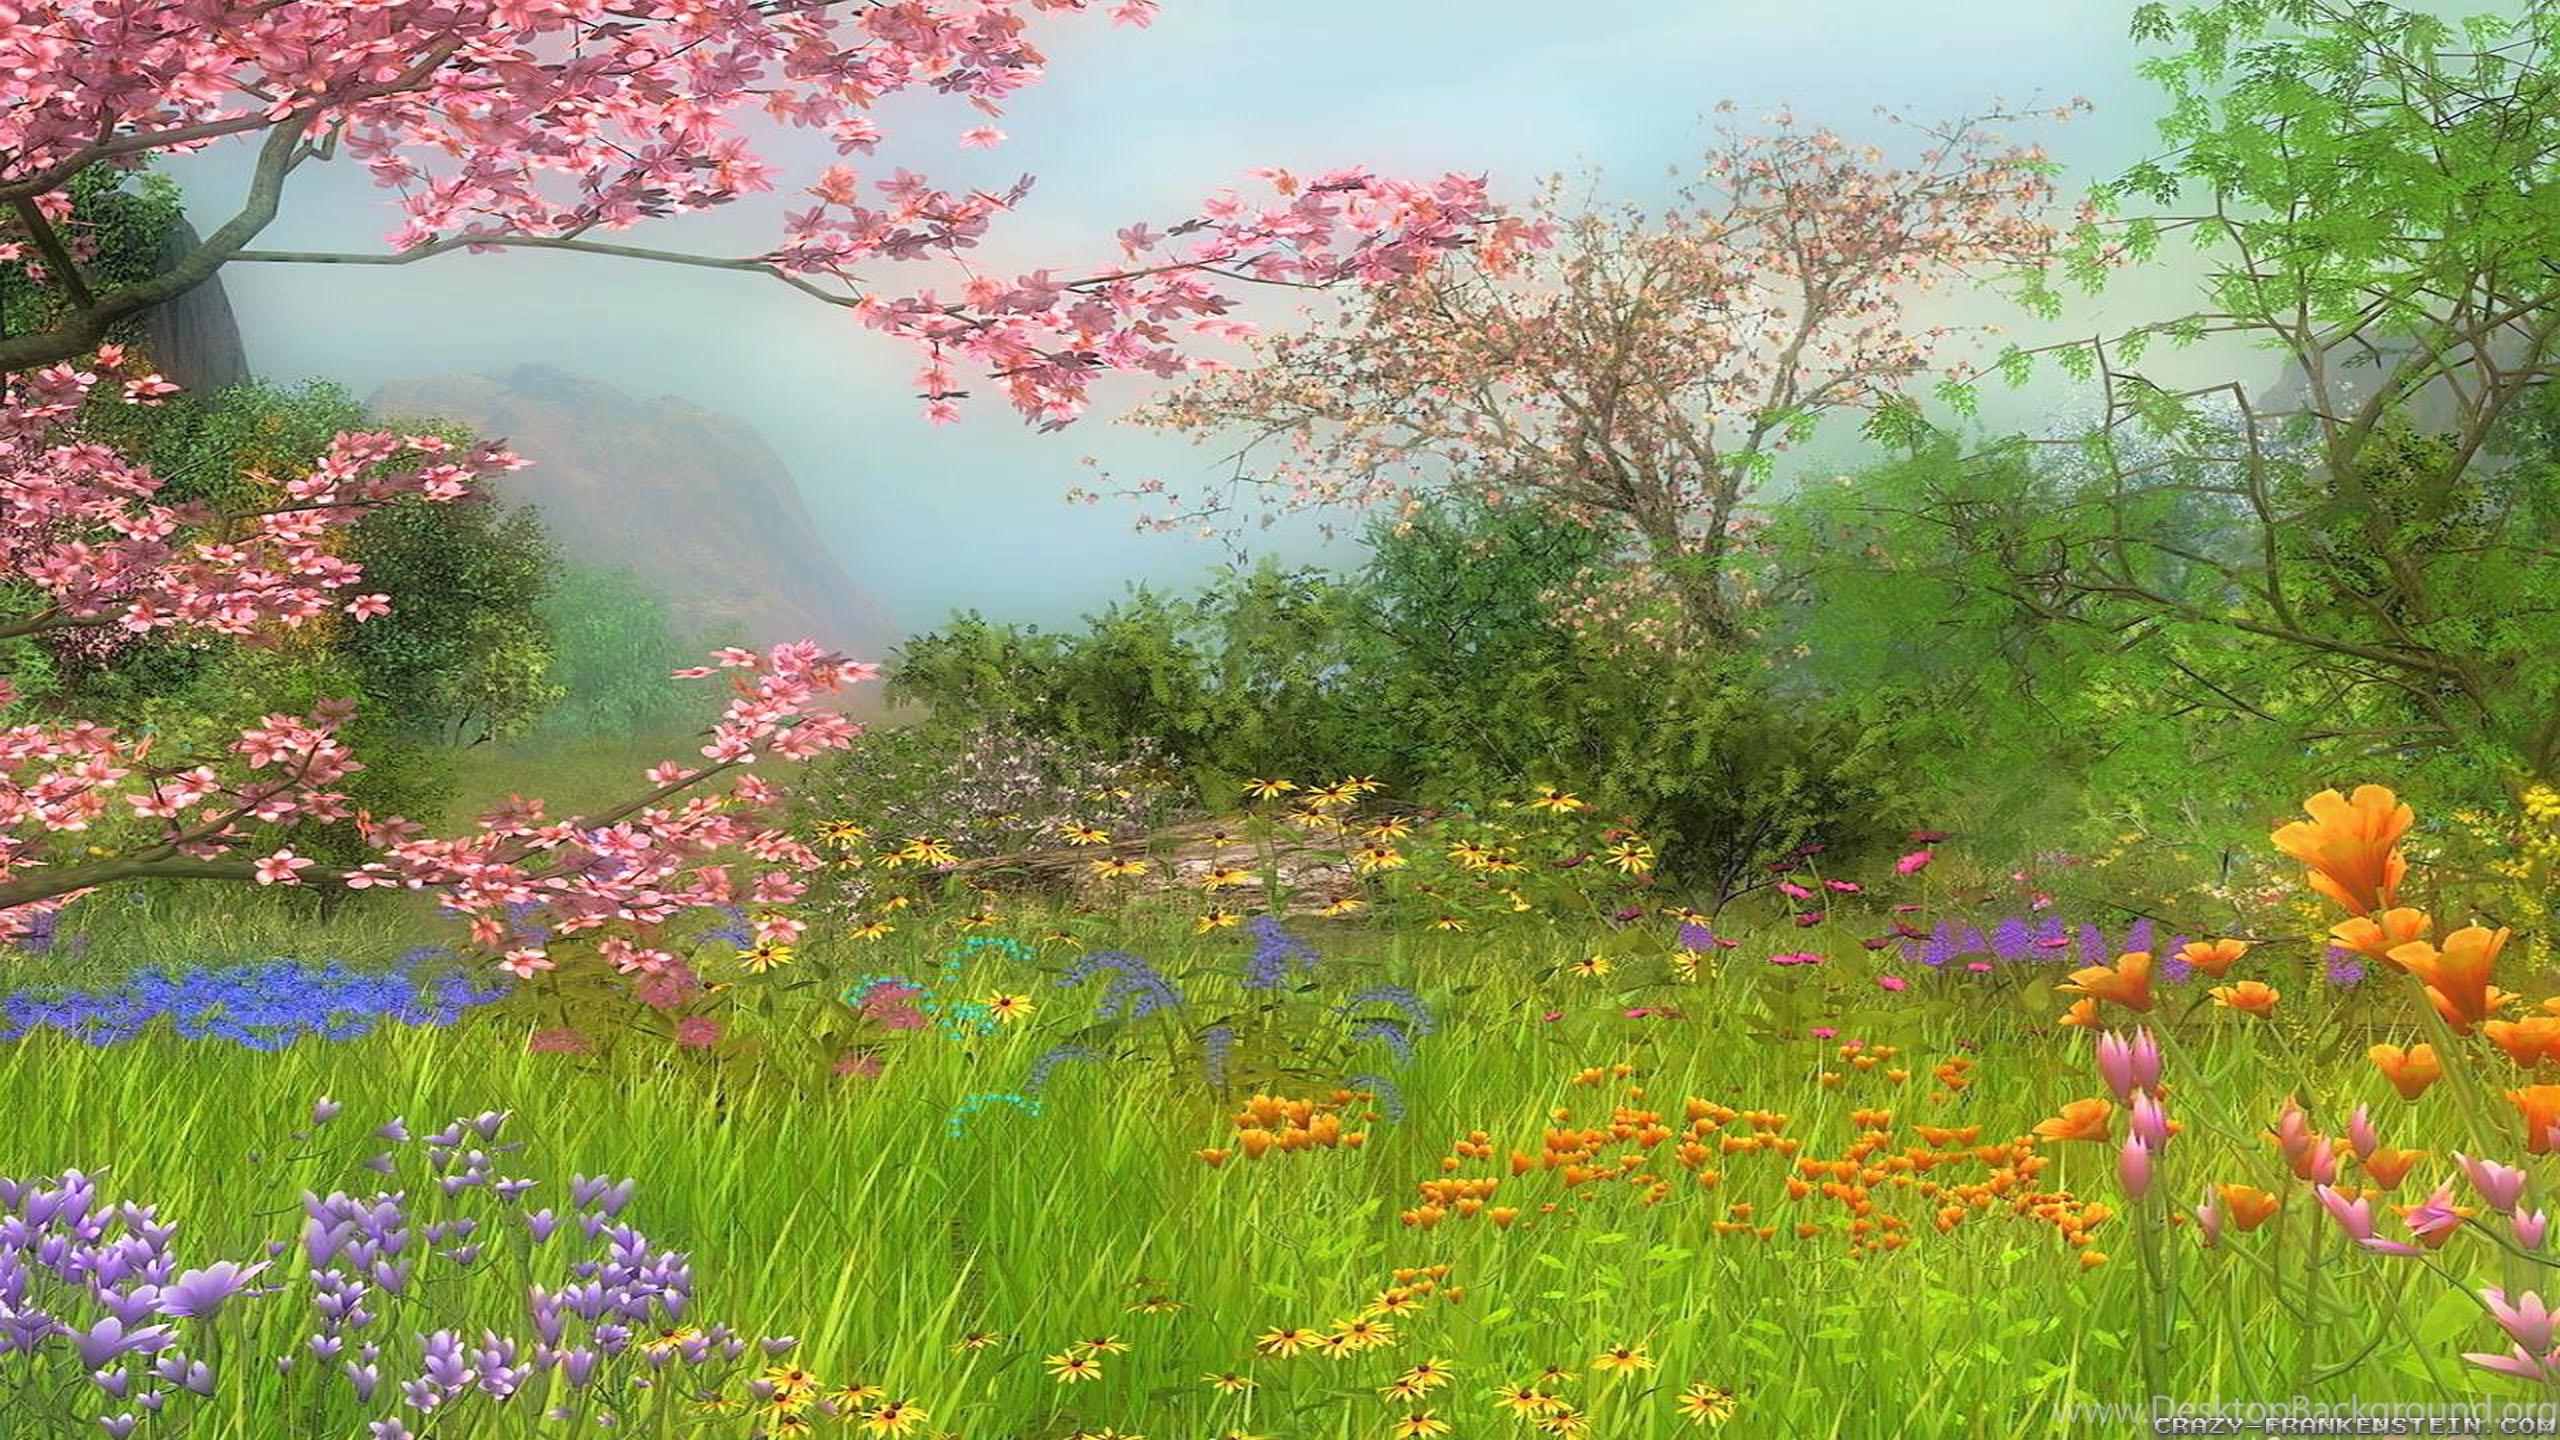 открыто обои на рабочий стол картинки красивые сказочные весна они